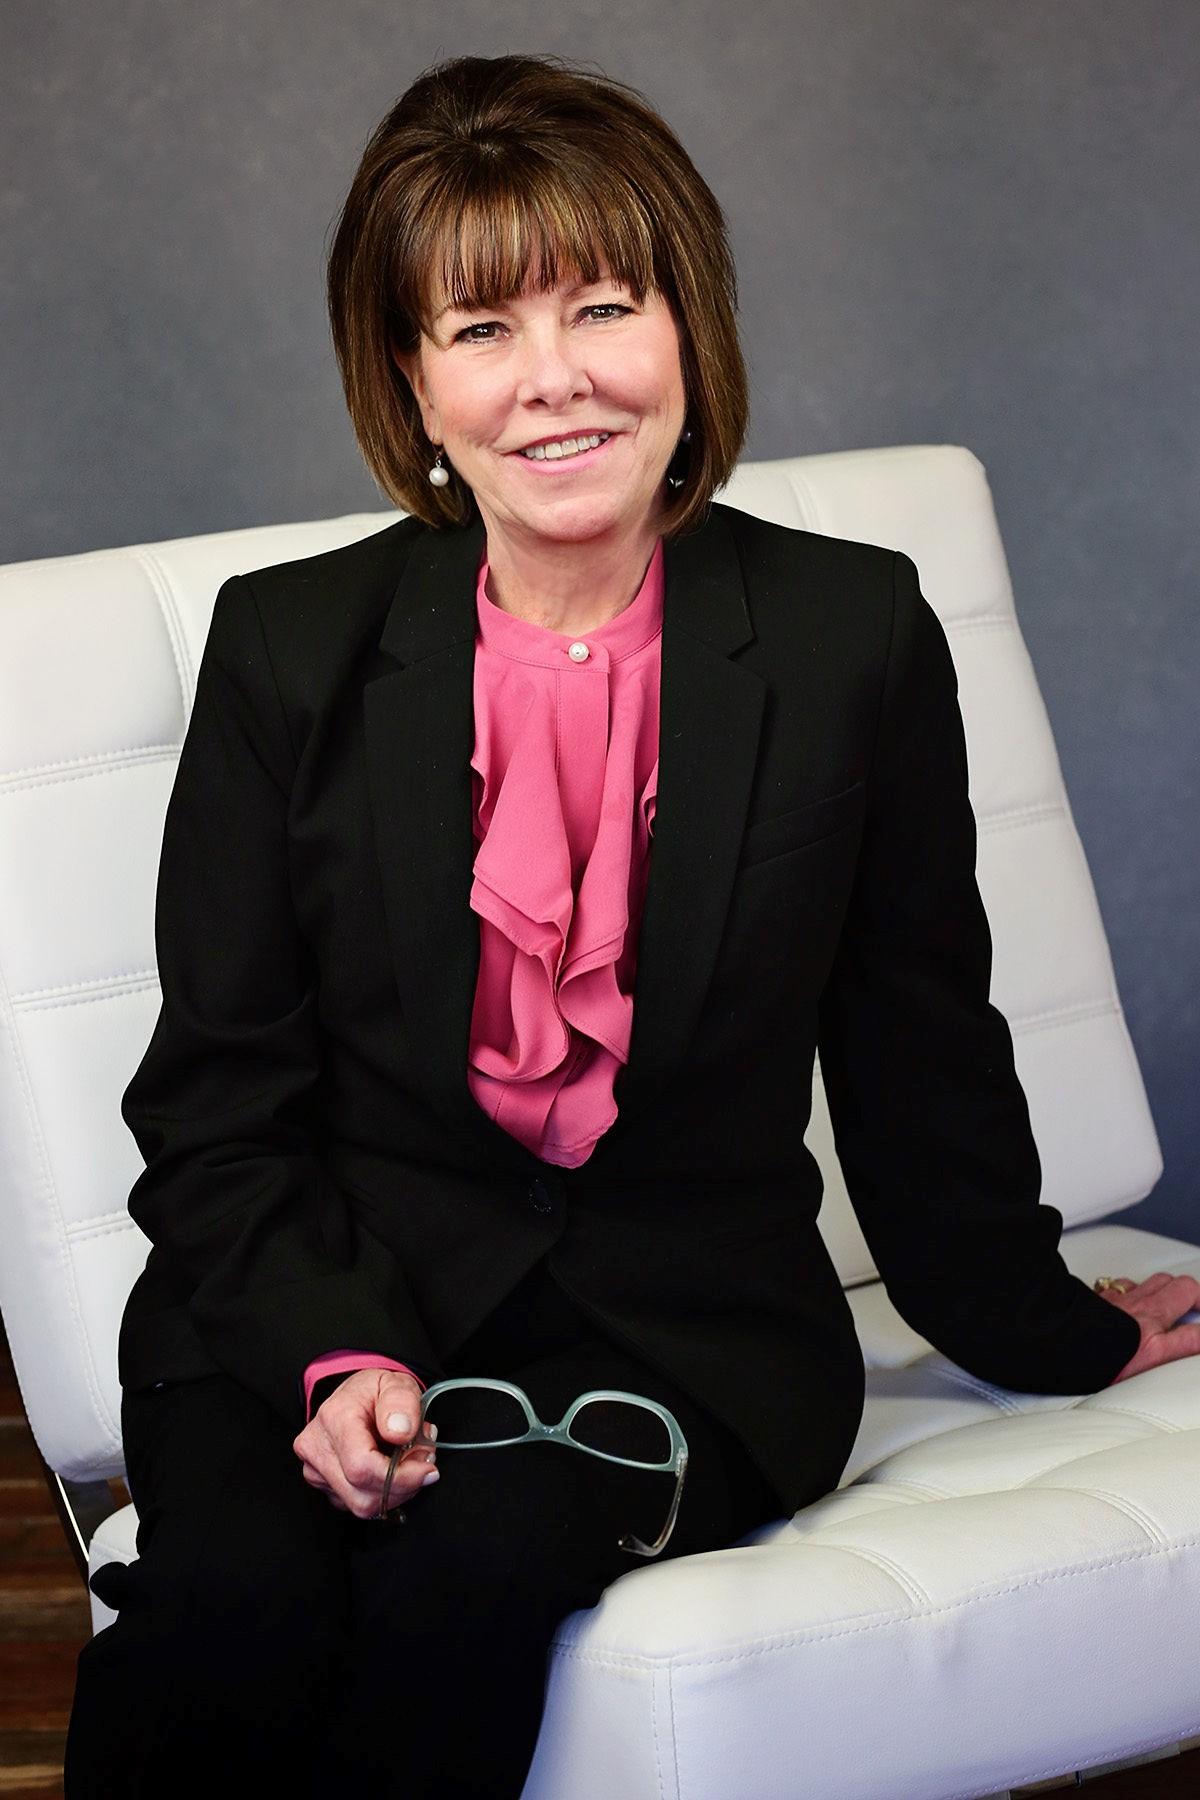 Melinda Selvey GRI, SRES